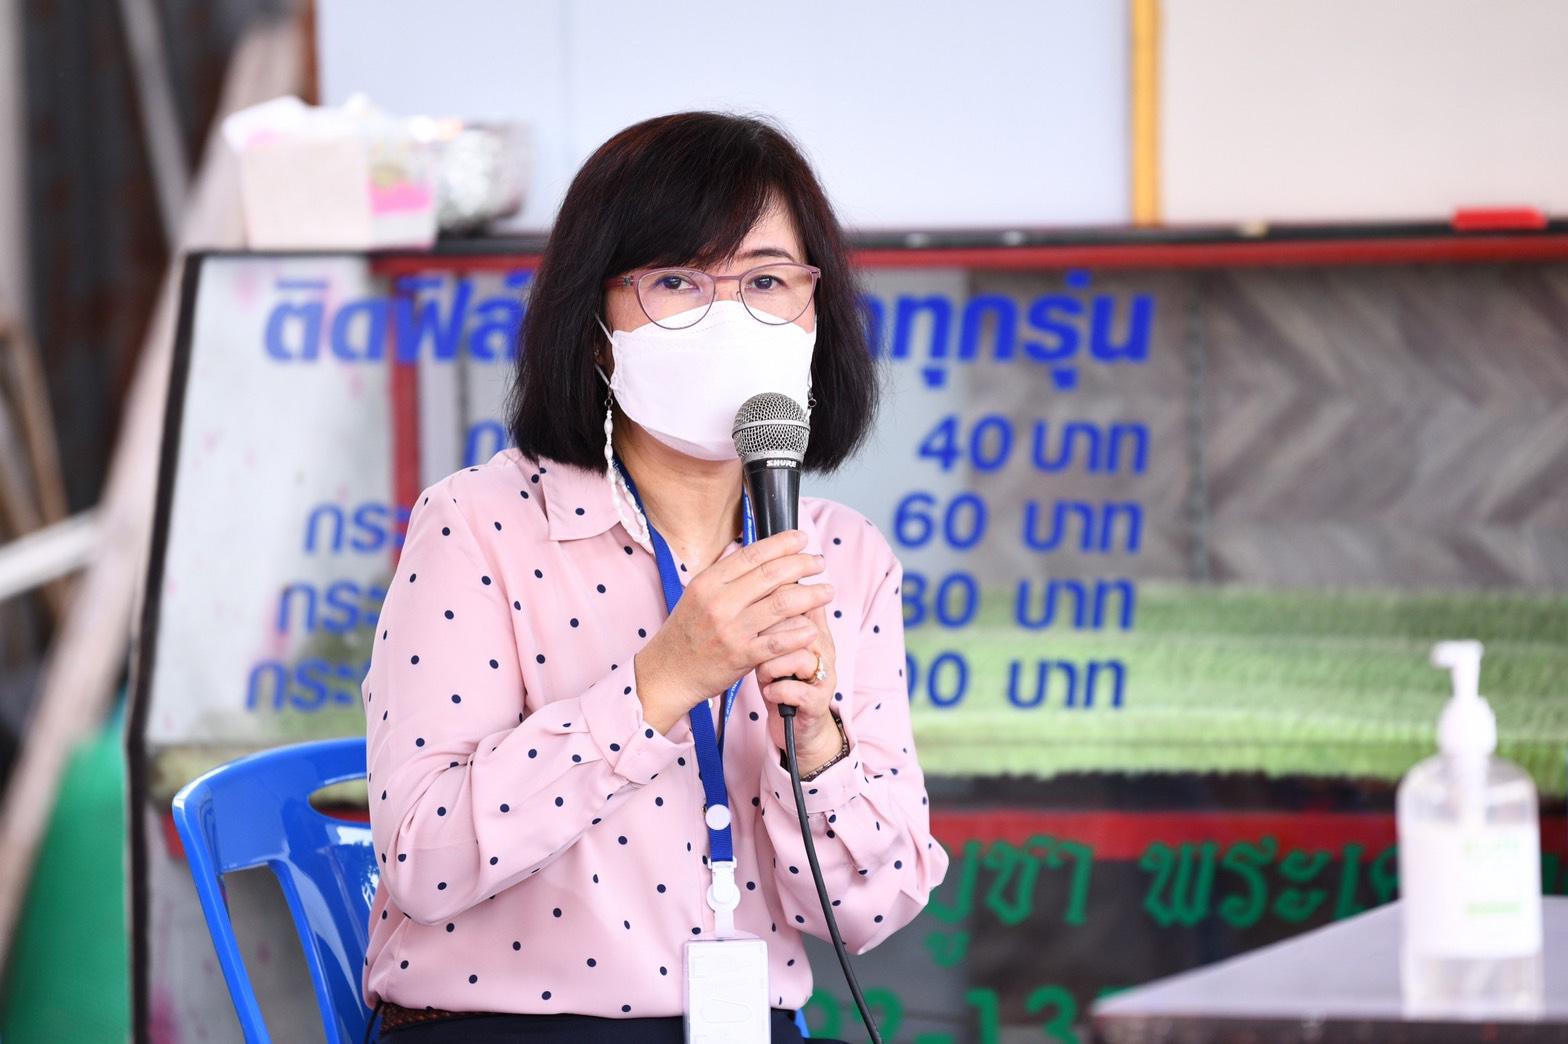 ร่วมสำรวจชุมชนต้นแบบ นิมิตรใหม่เมืองมีน วางระบบกักตัวที่บ้าน-ในชุมชน  thaihealth